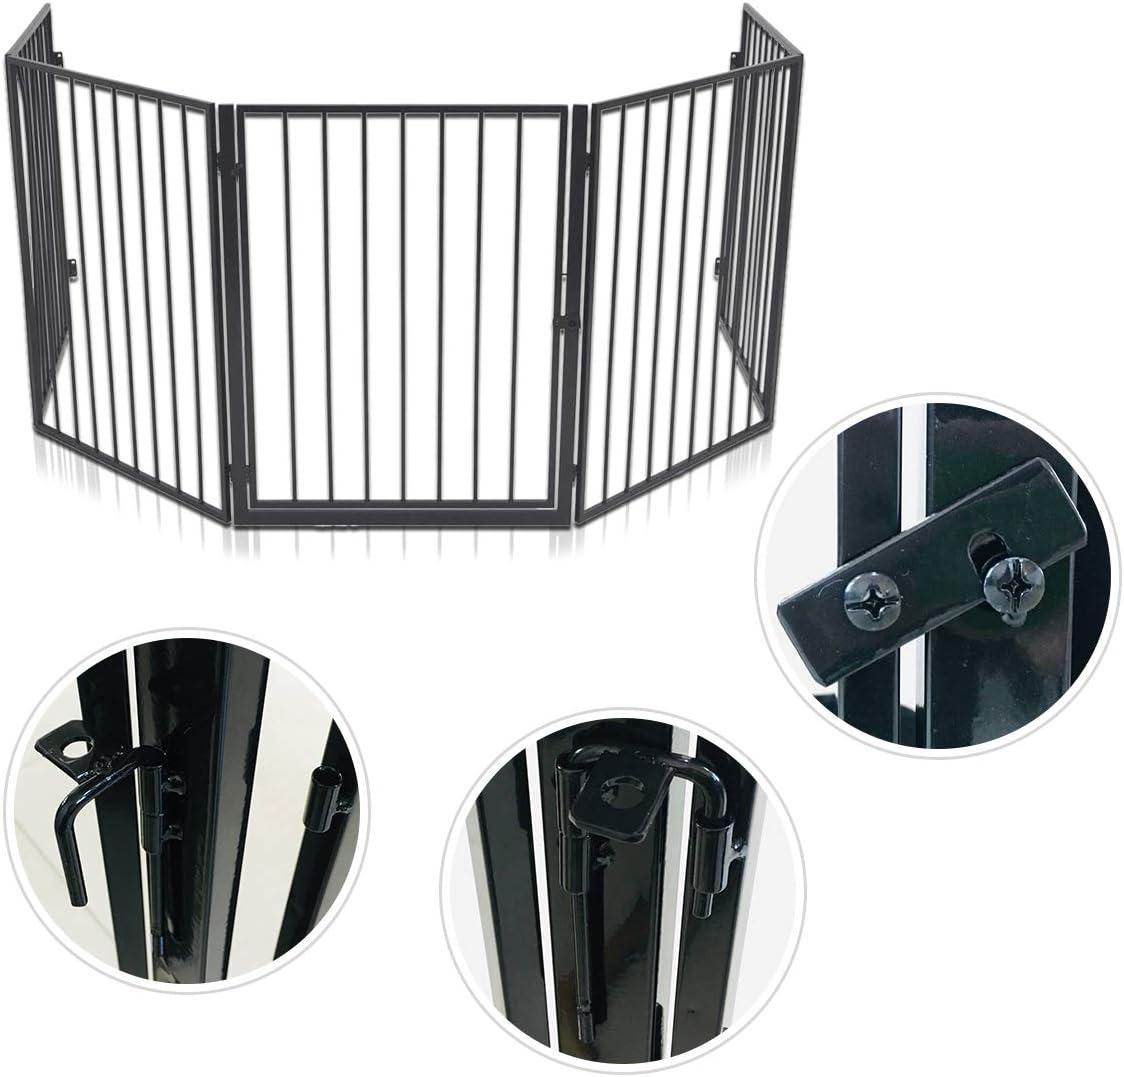 5 elementos para ni/ños color negro 305 cm metal NAIZY Rejilla de protecci/ón para chimenea